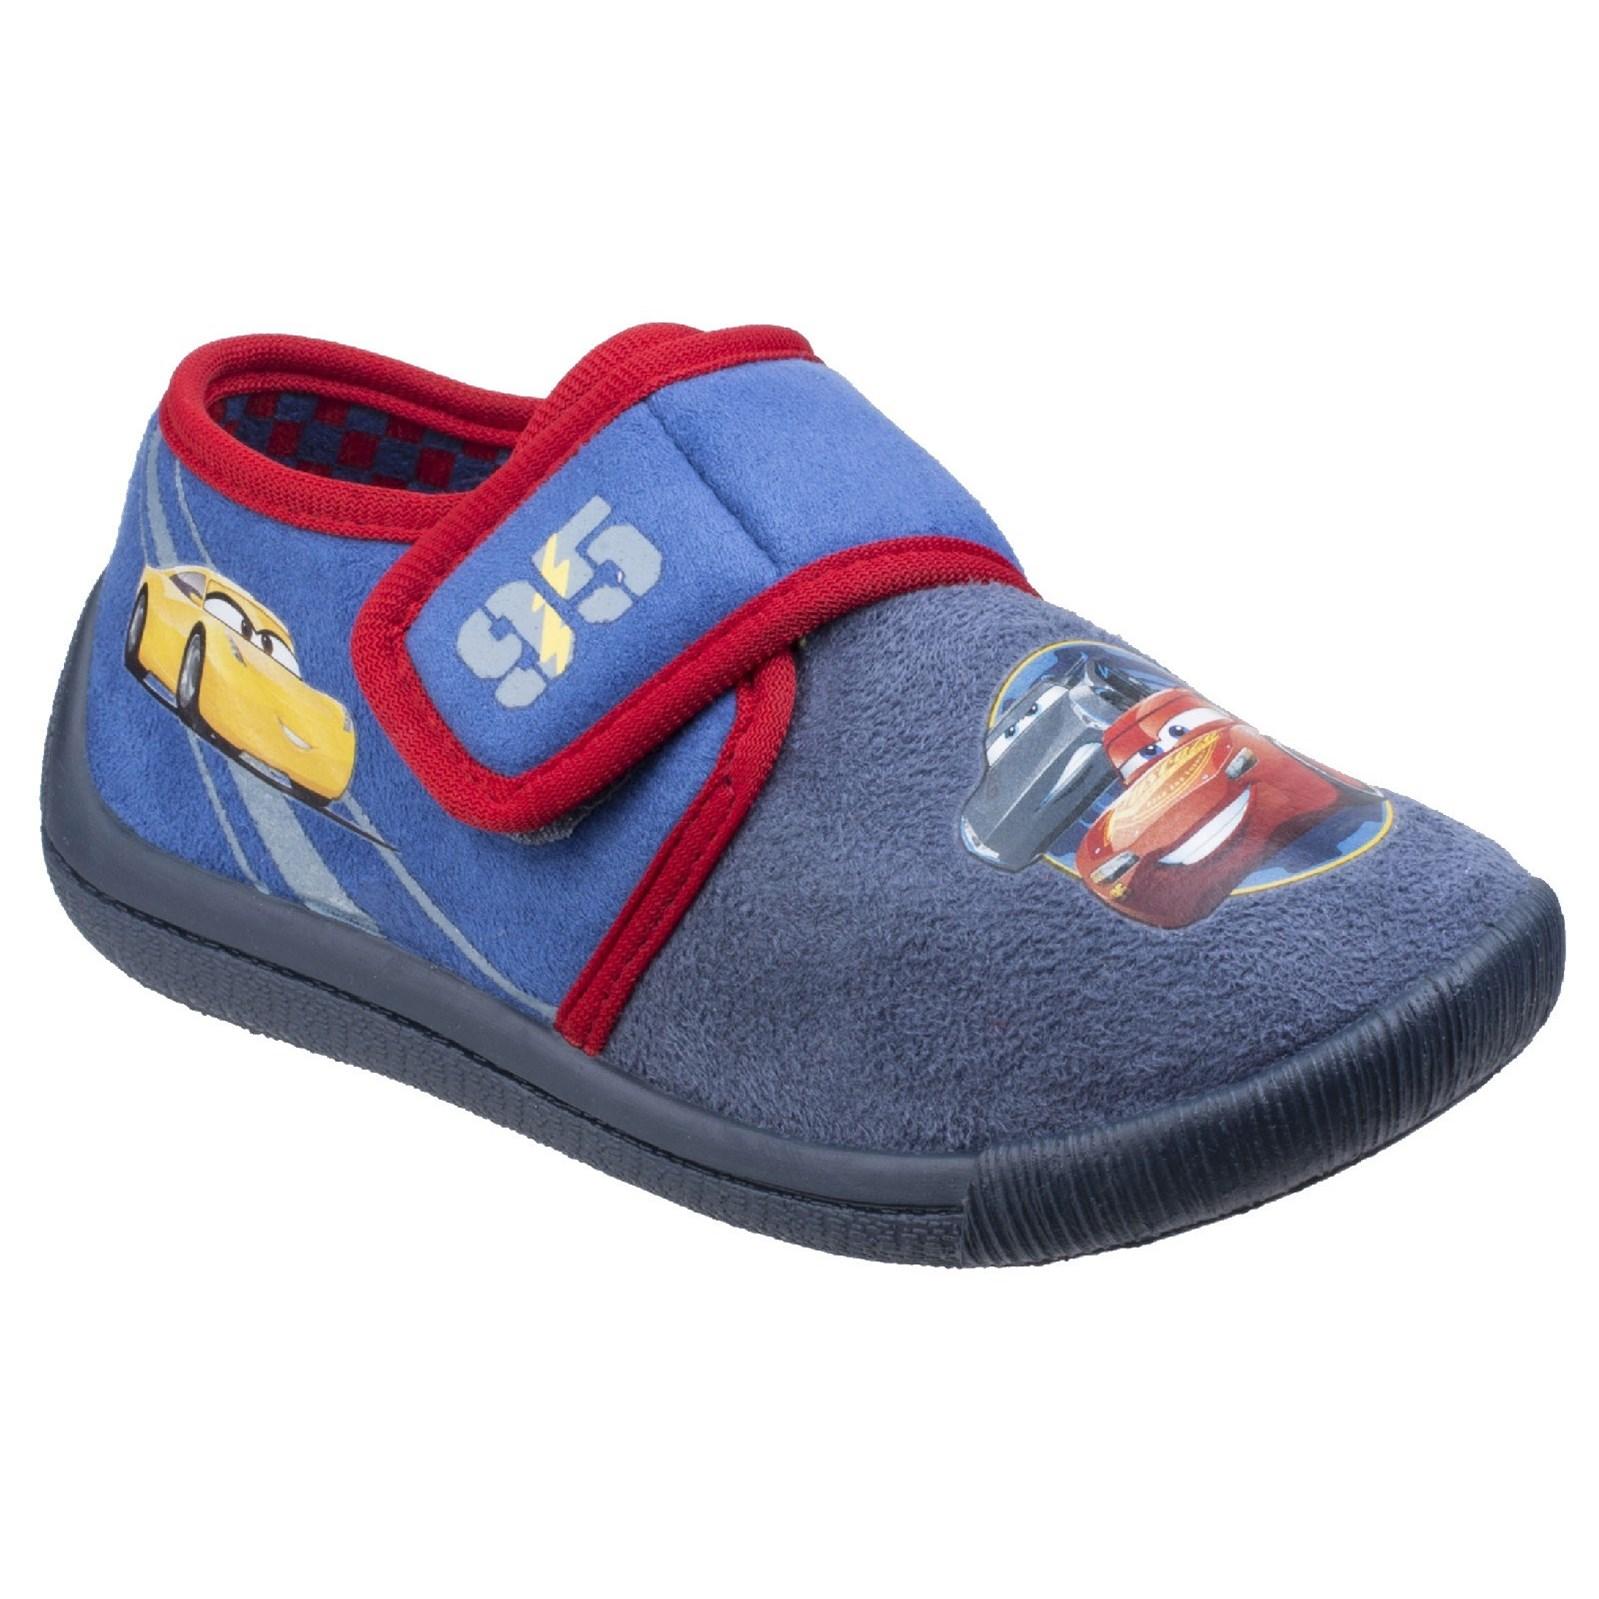 Zapatillas de coches para niños chicos